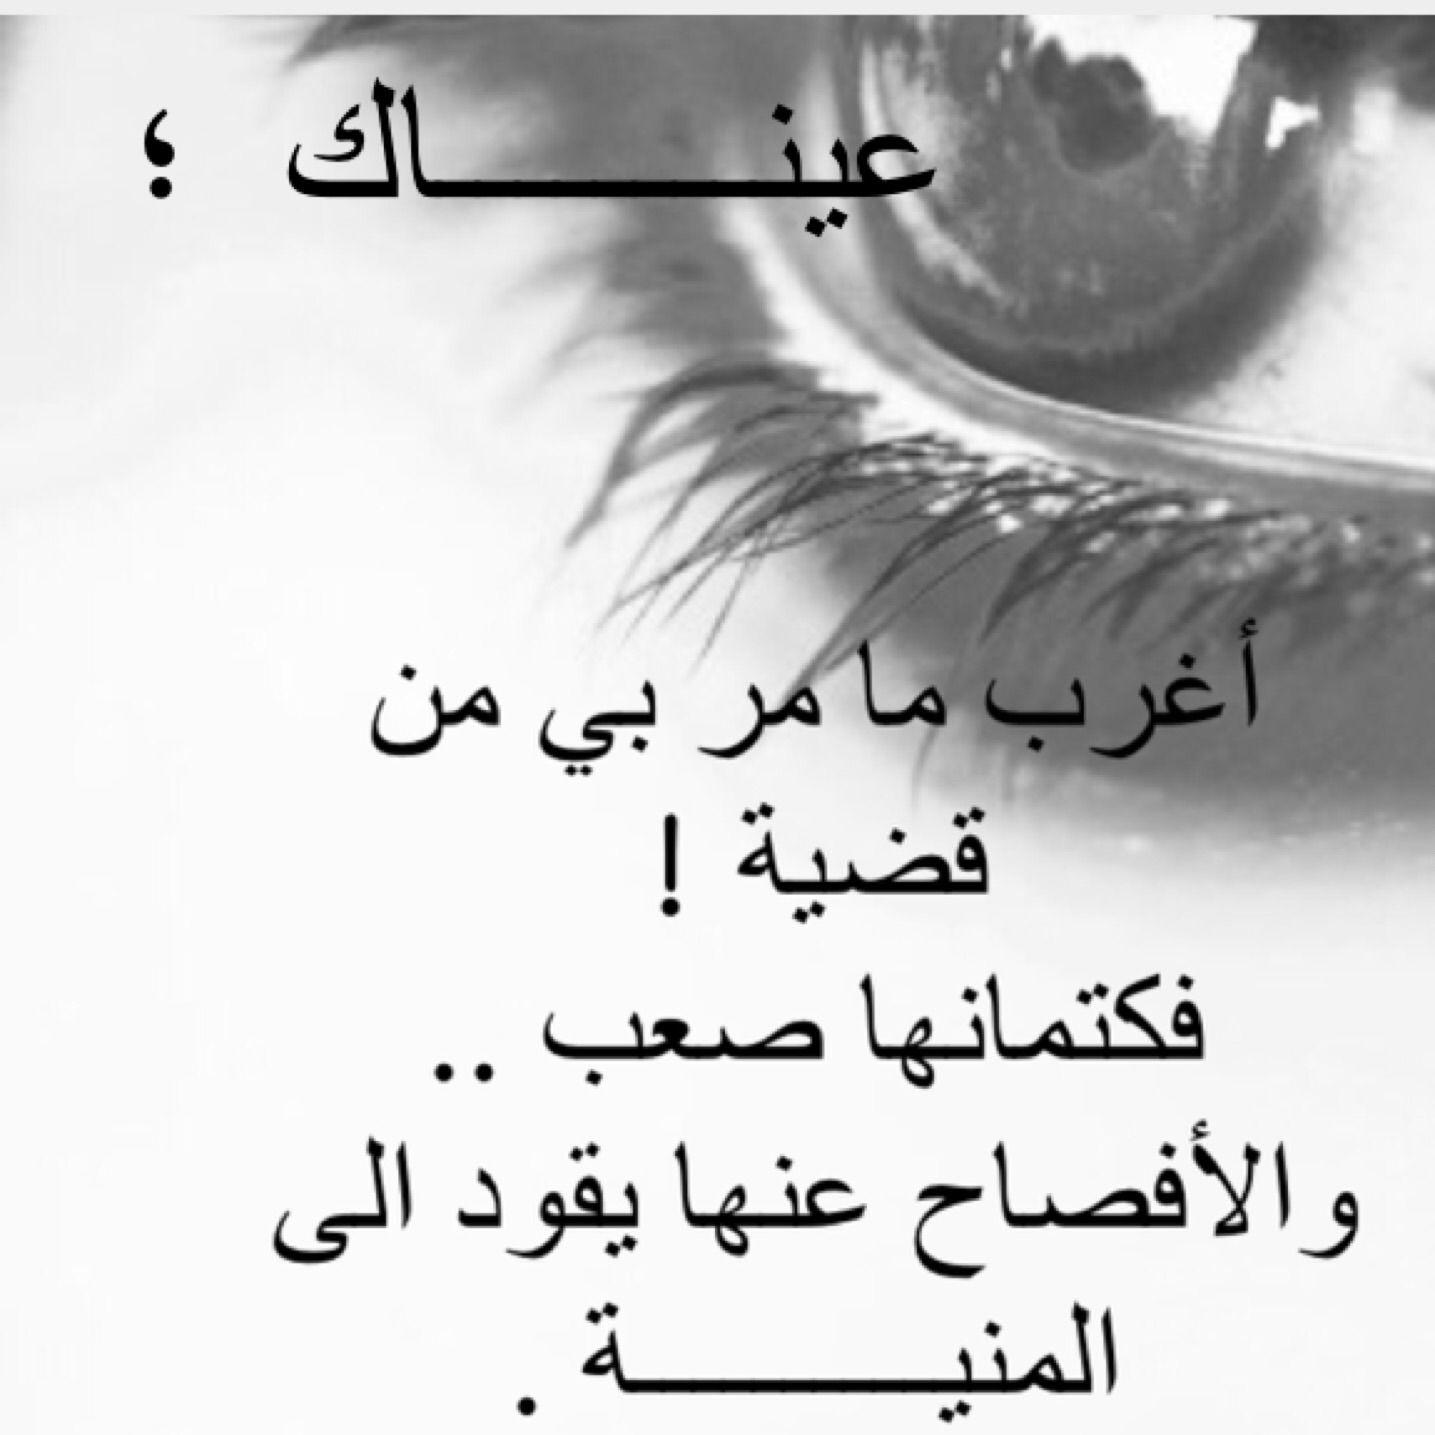 بالصور شعر عن العيون , العيون نظرتها اقوي من الكلام 2250 5